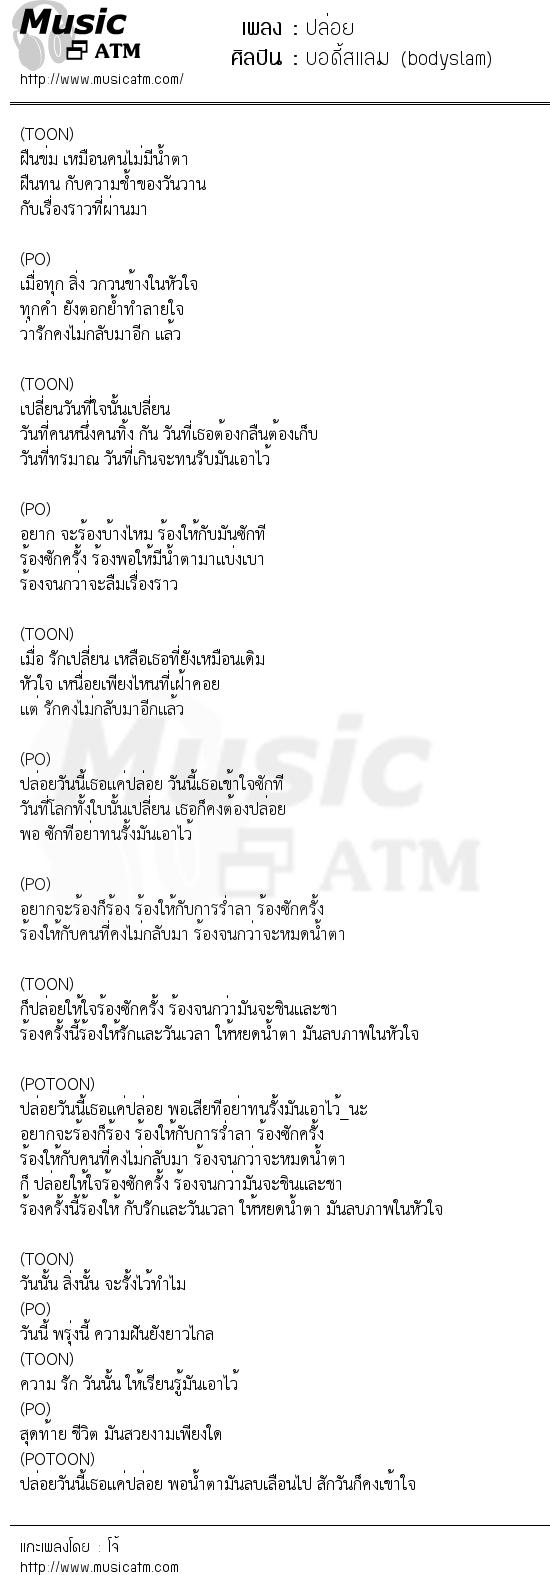 เนื้อเพลง ปล่อย - บอดี้สแลม (bodyslam) | เพลงไทย